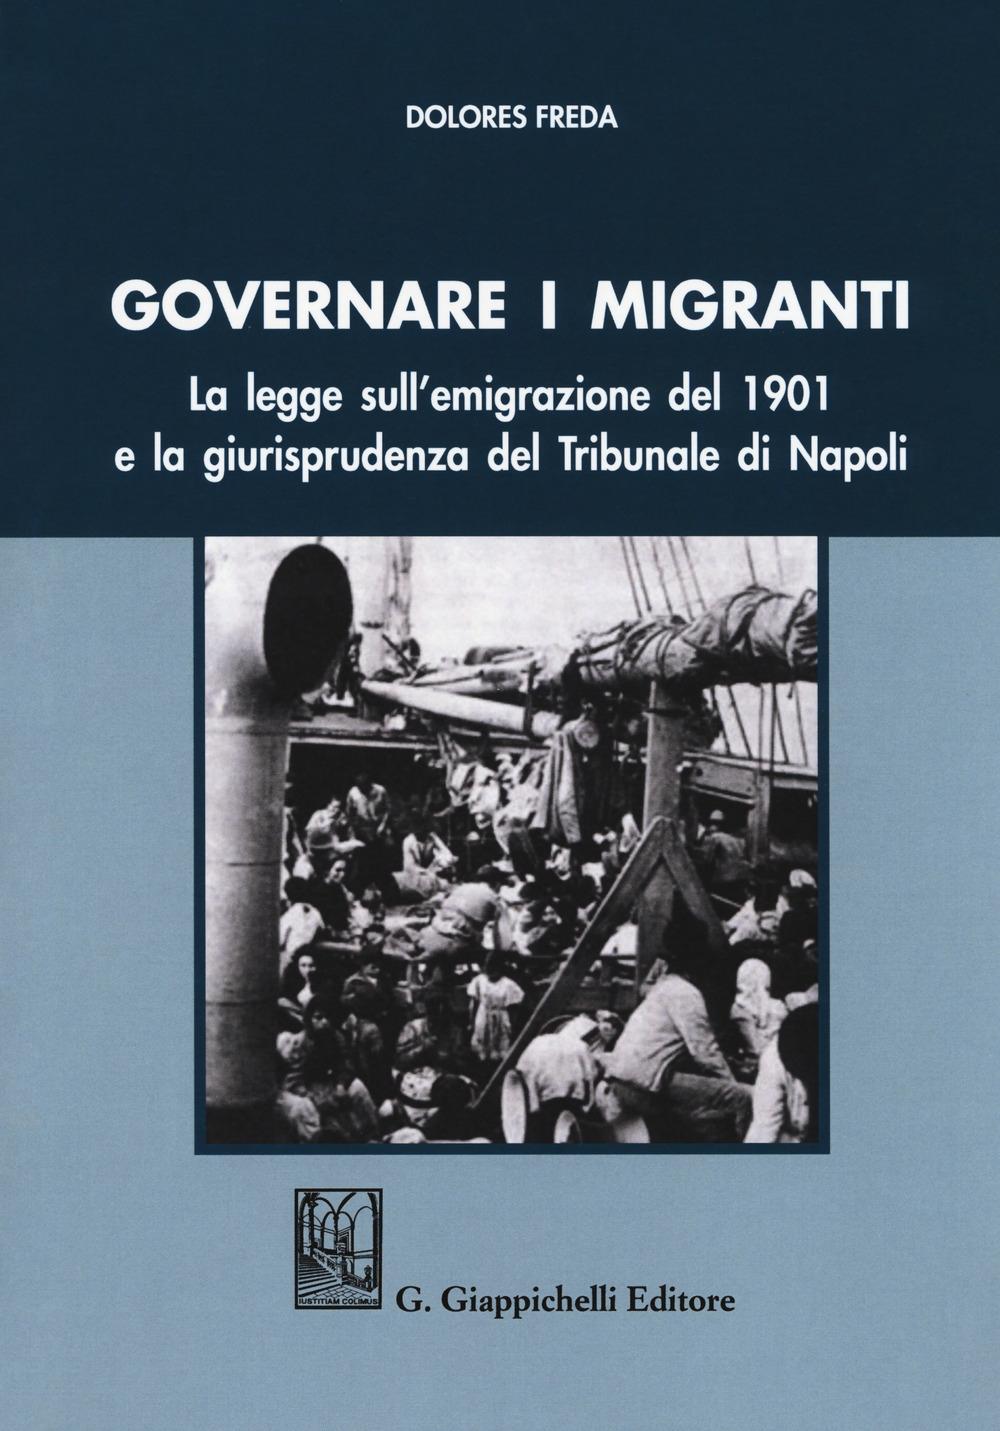 Governare i migranti. La legge sull'emigrazione del 1901 e la giurisprudenza del Tribunale di Napoli